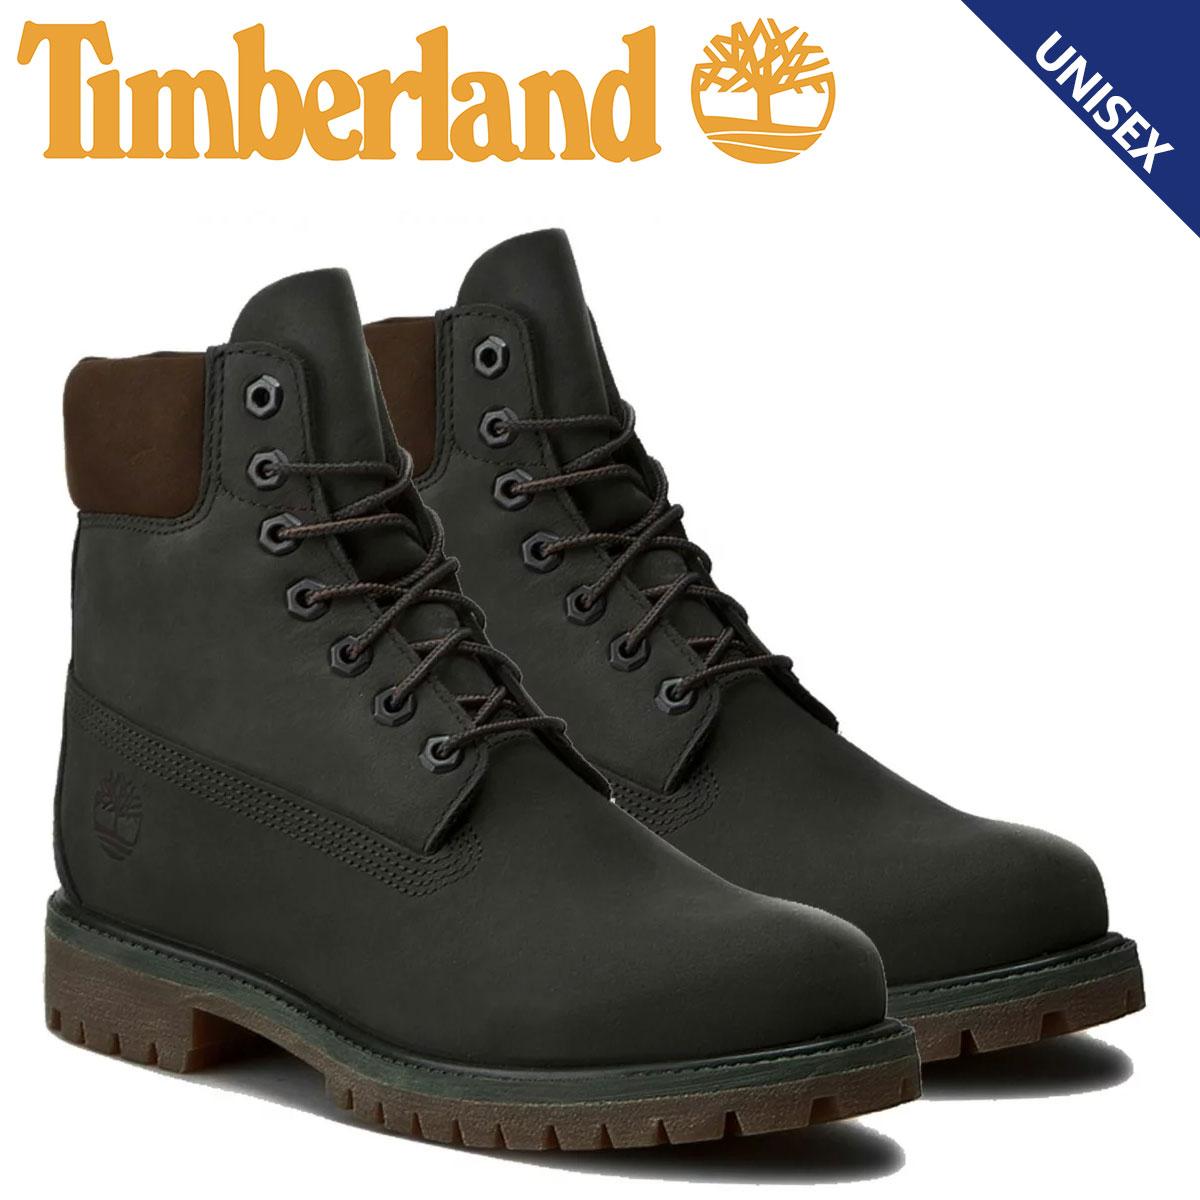 Timberland ティンバーランド 6INCHI 6インチ プレミアム ブーツ 6-INCH PREMIUM WATERPROOF BOOTS A17Q4 Wワイズ 防水 グレー メンズ